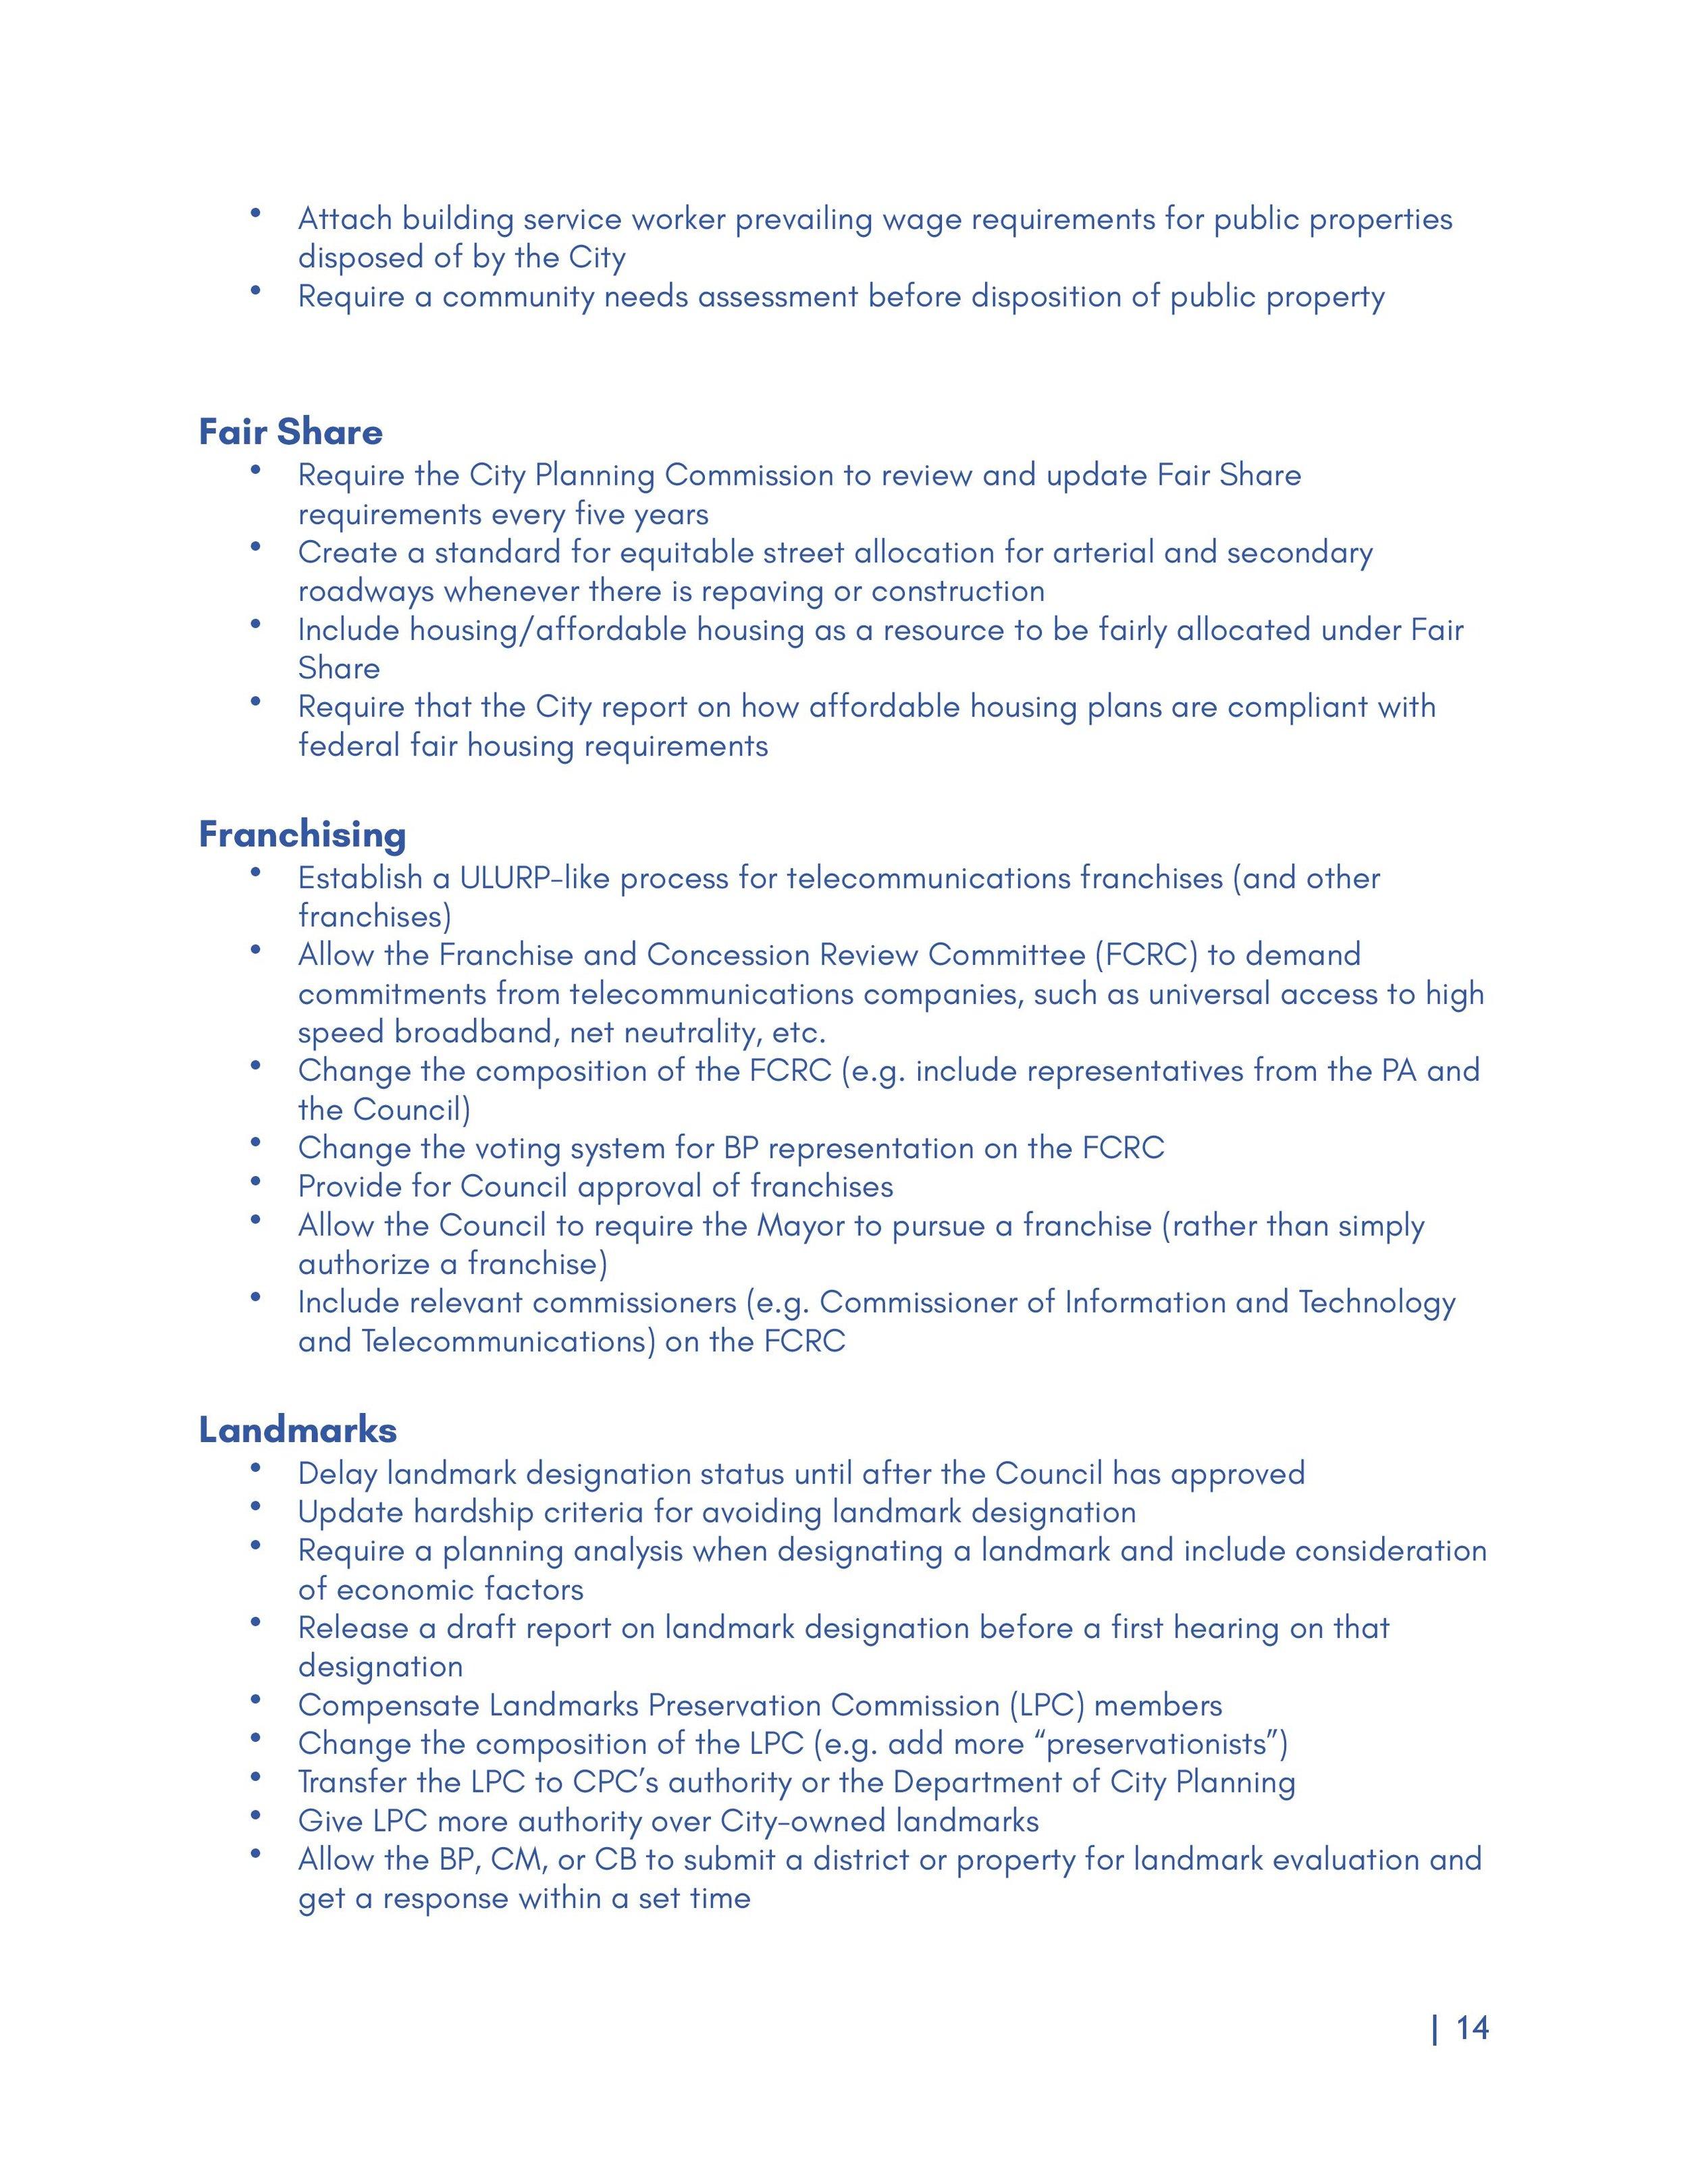 Proposals-page-014.jpg